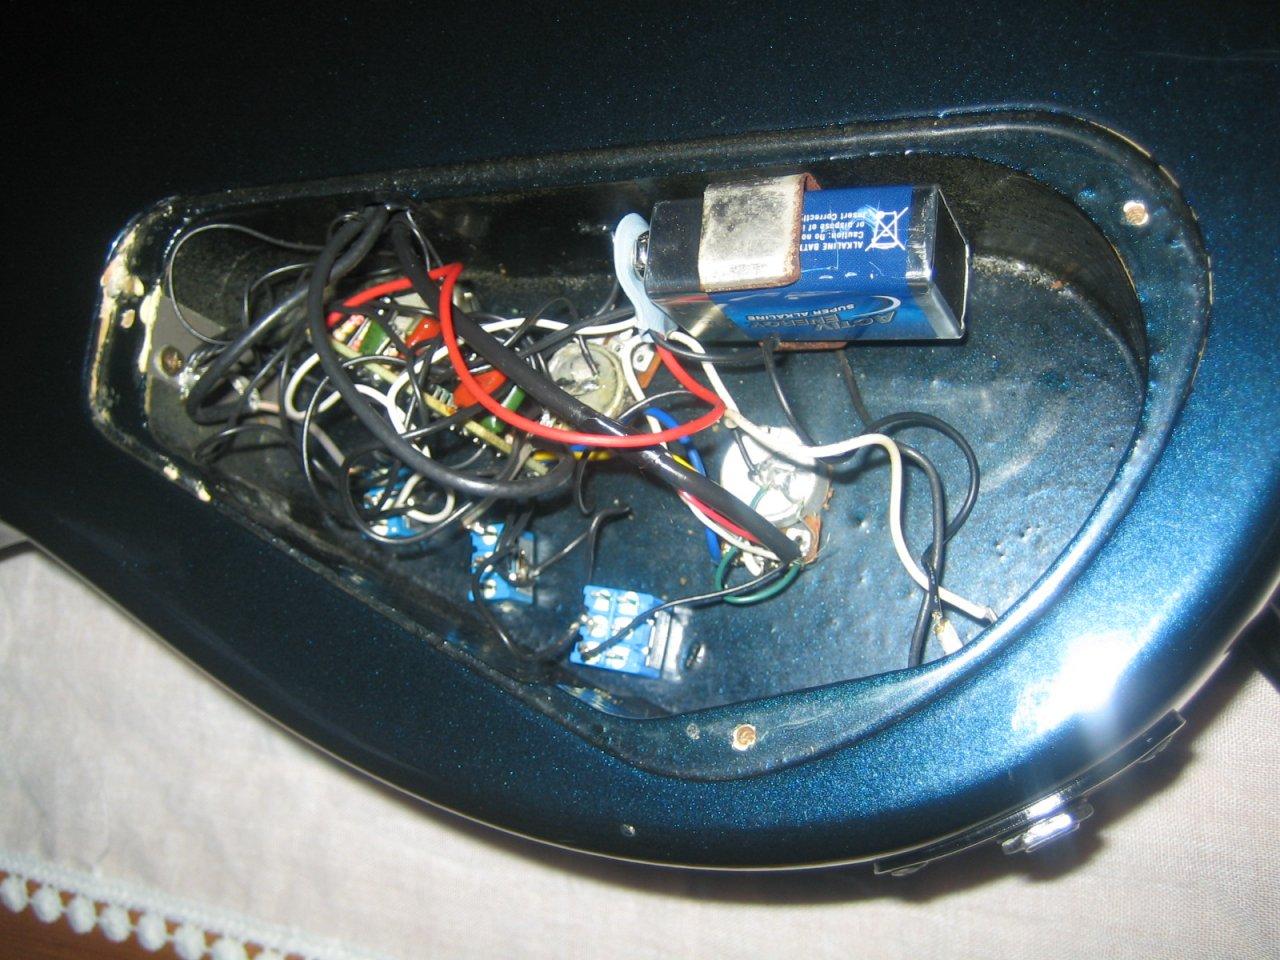 Charvel Model 4 Elektronikfrage | Musiker-Board